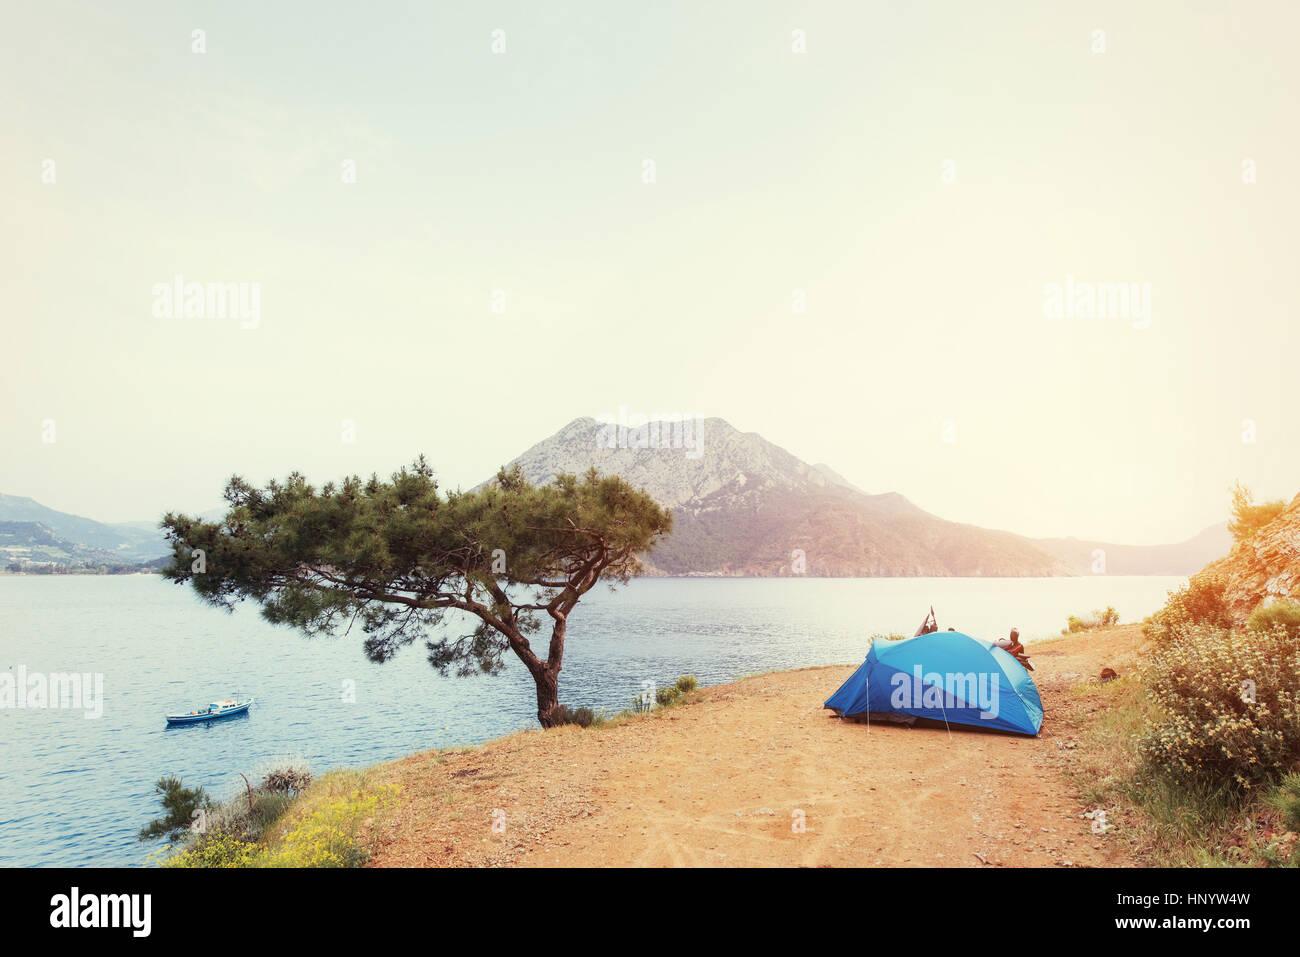 Blue tent on sandy wild beach at sunset light. Turkey - Stock Image